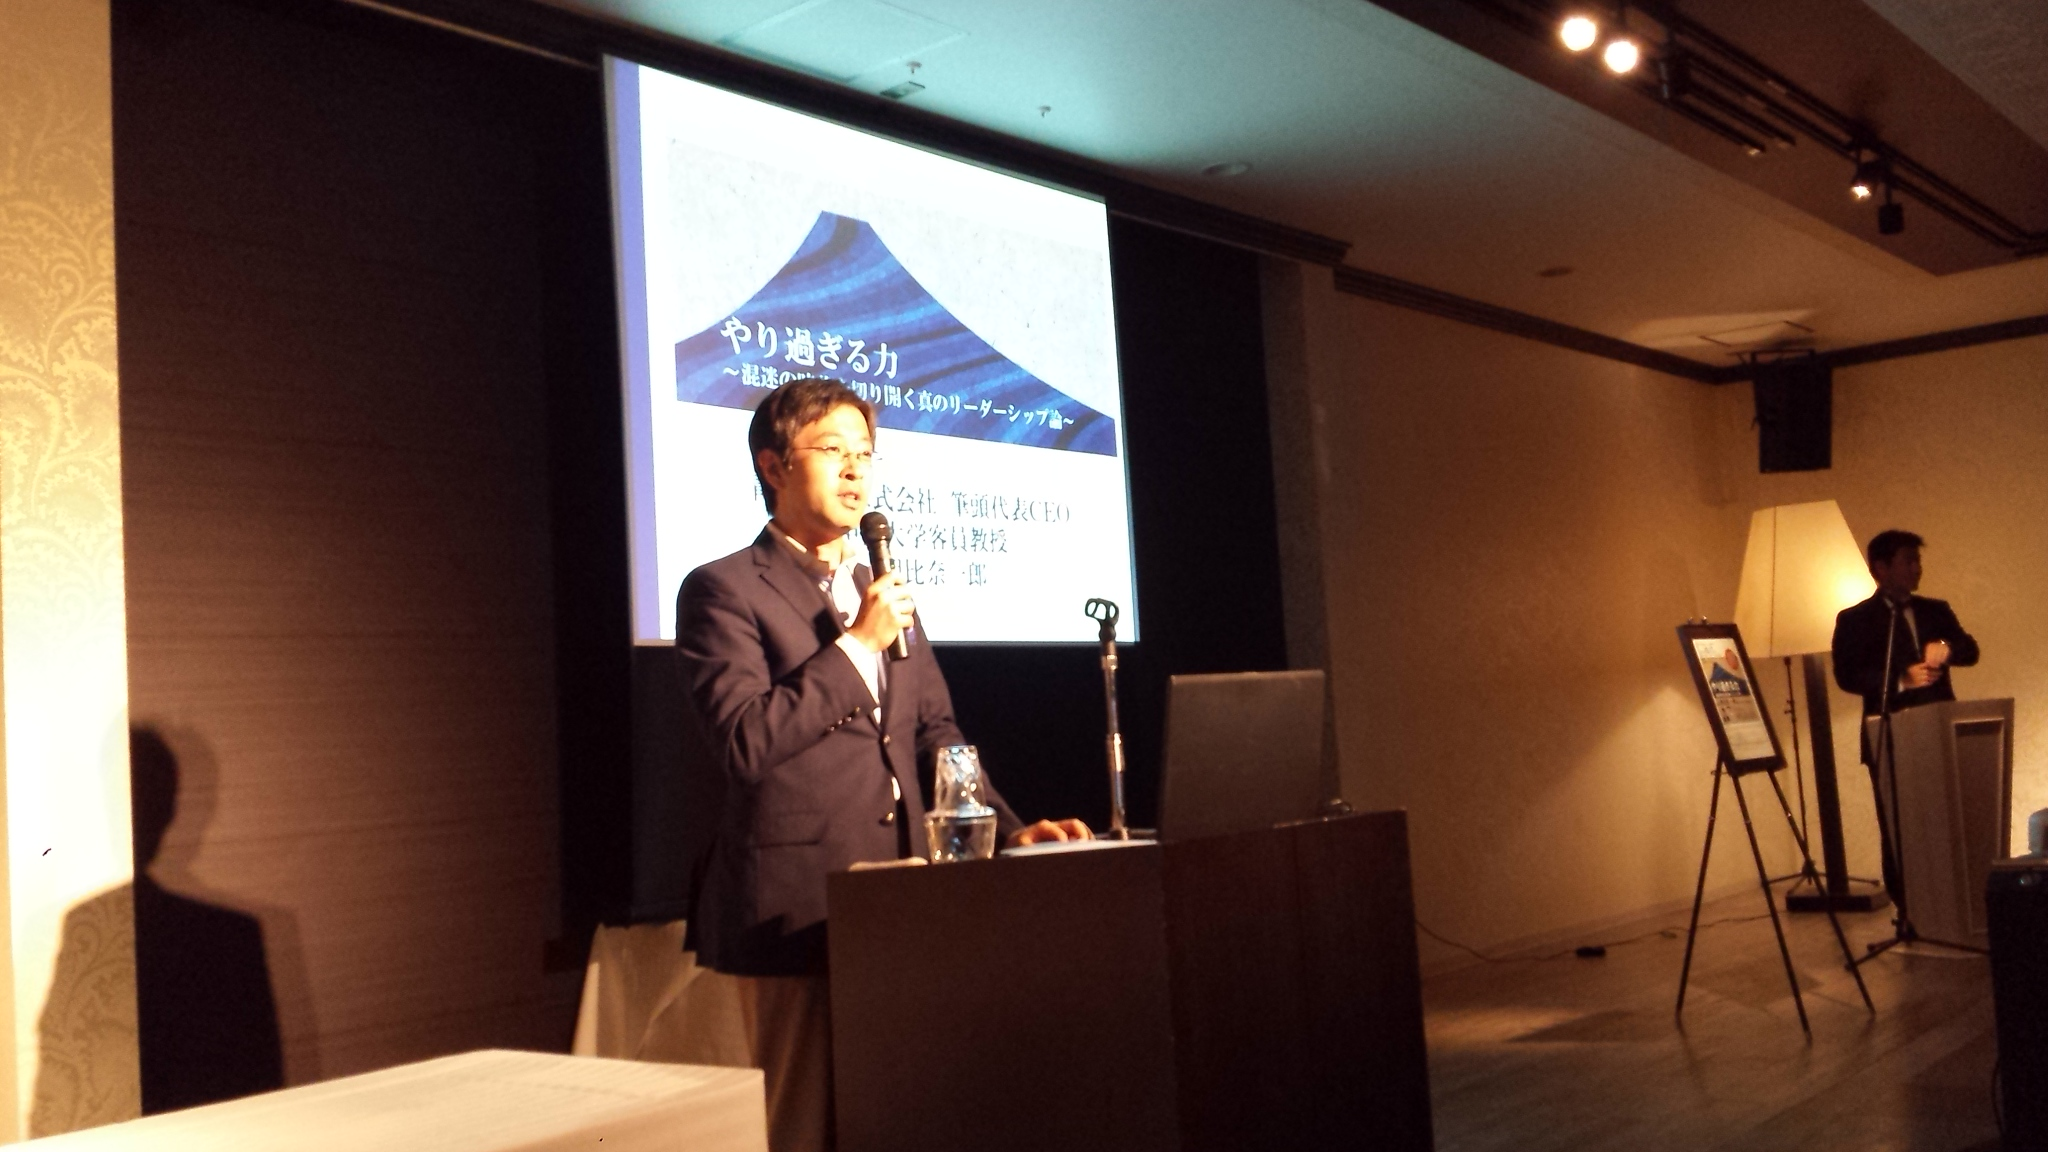 H25.10.17 第1回OZEライブラリー公開セミナー